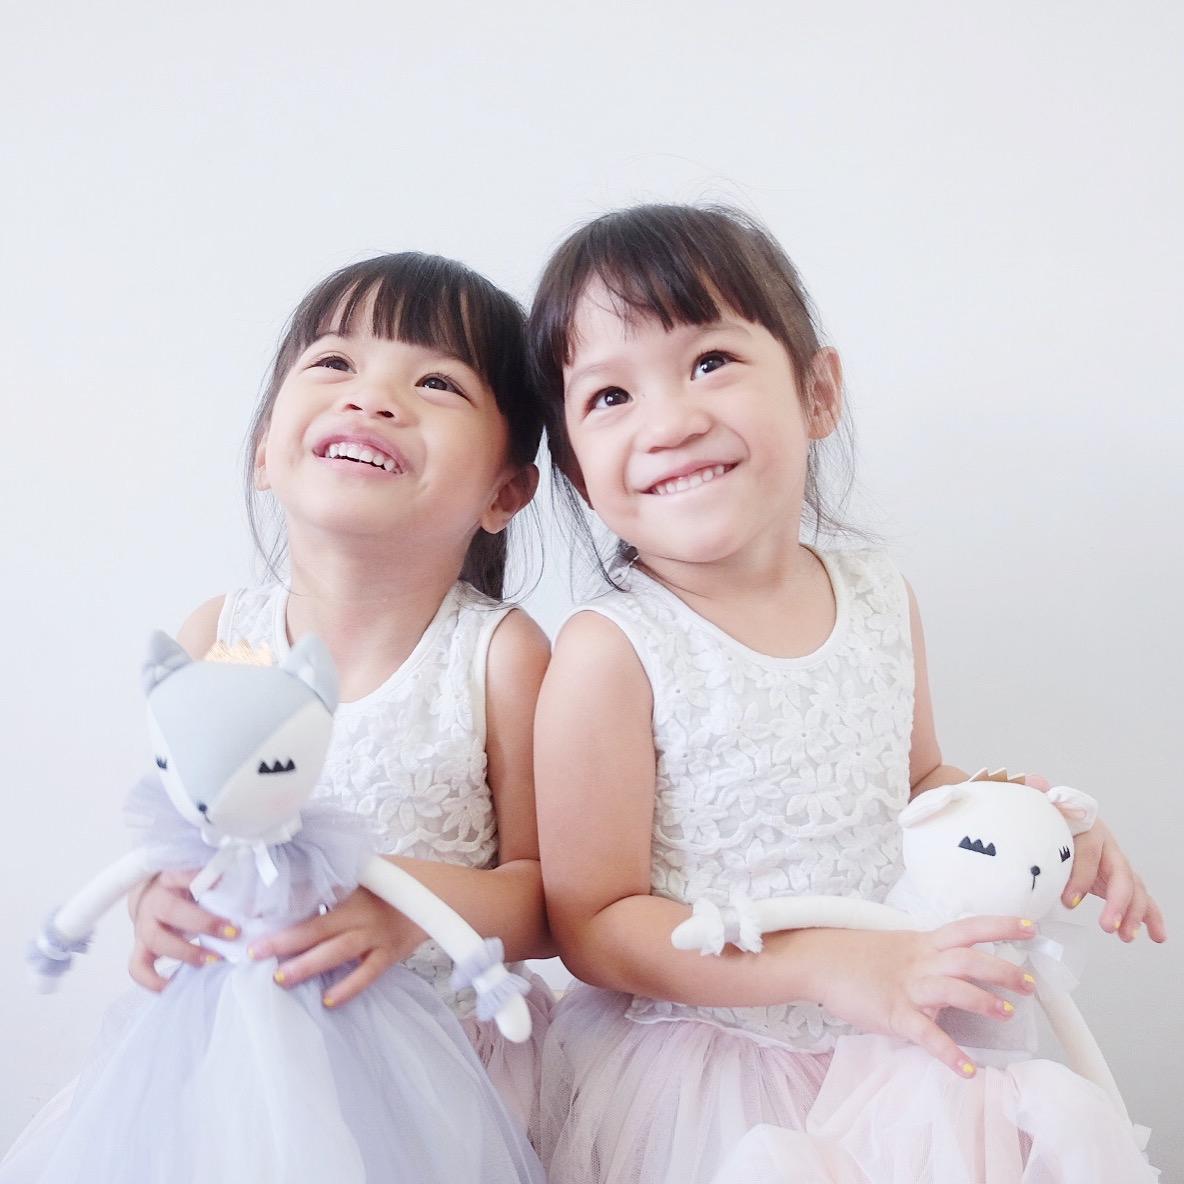 Spinkie dolls